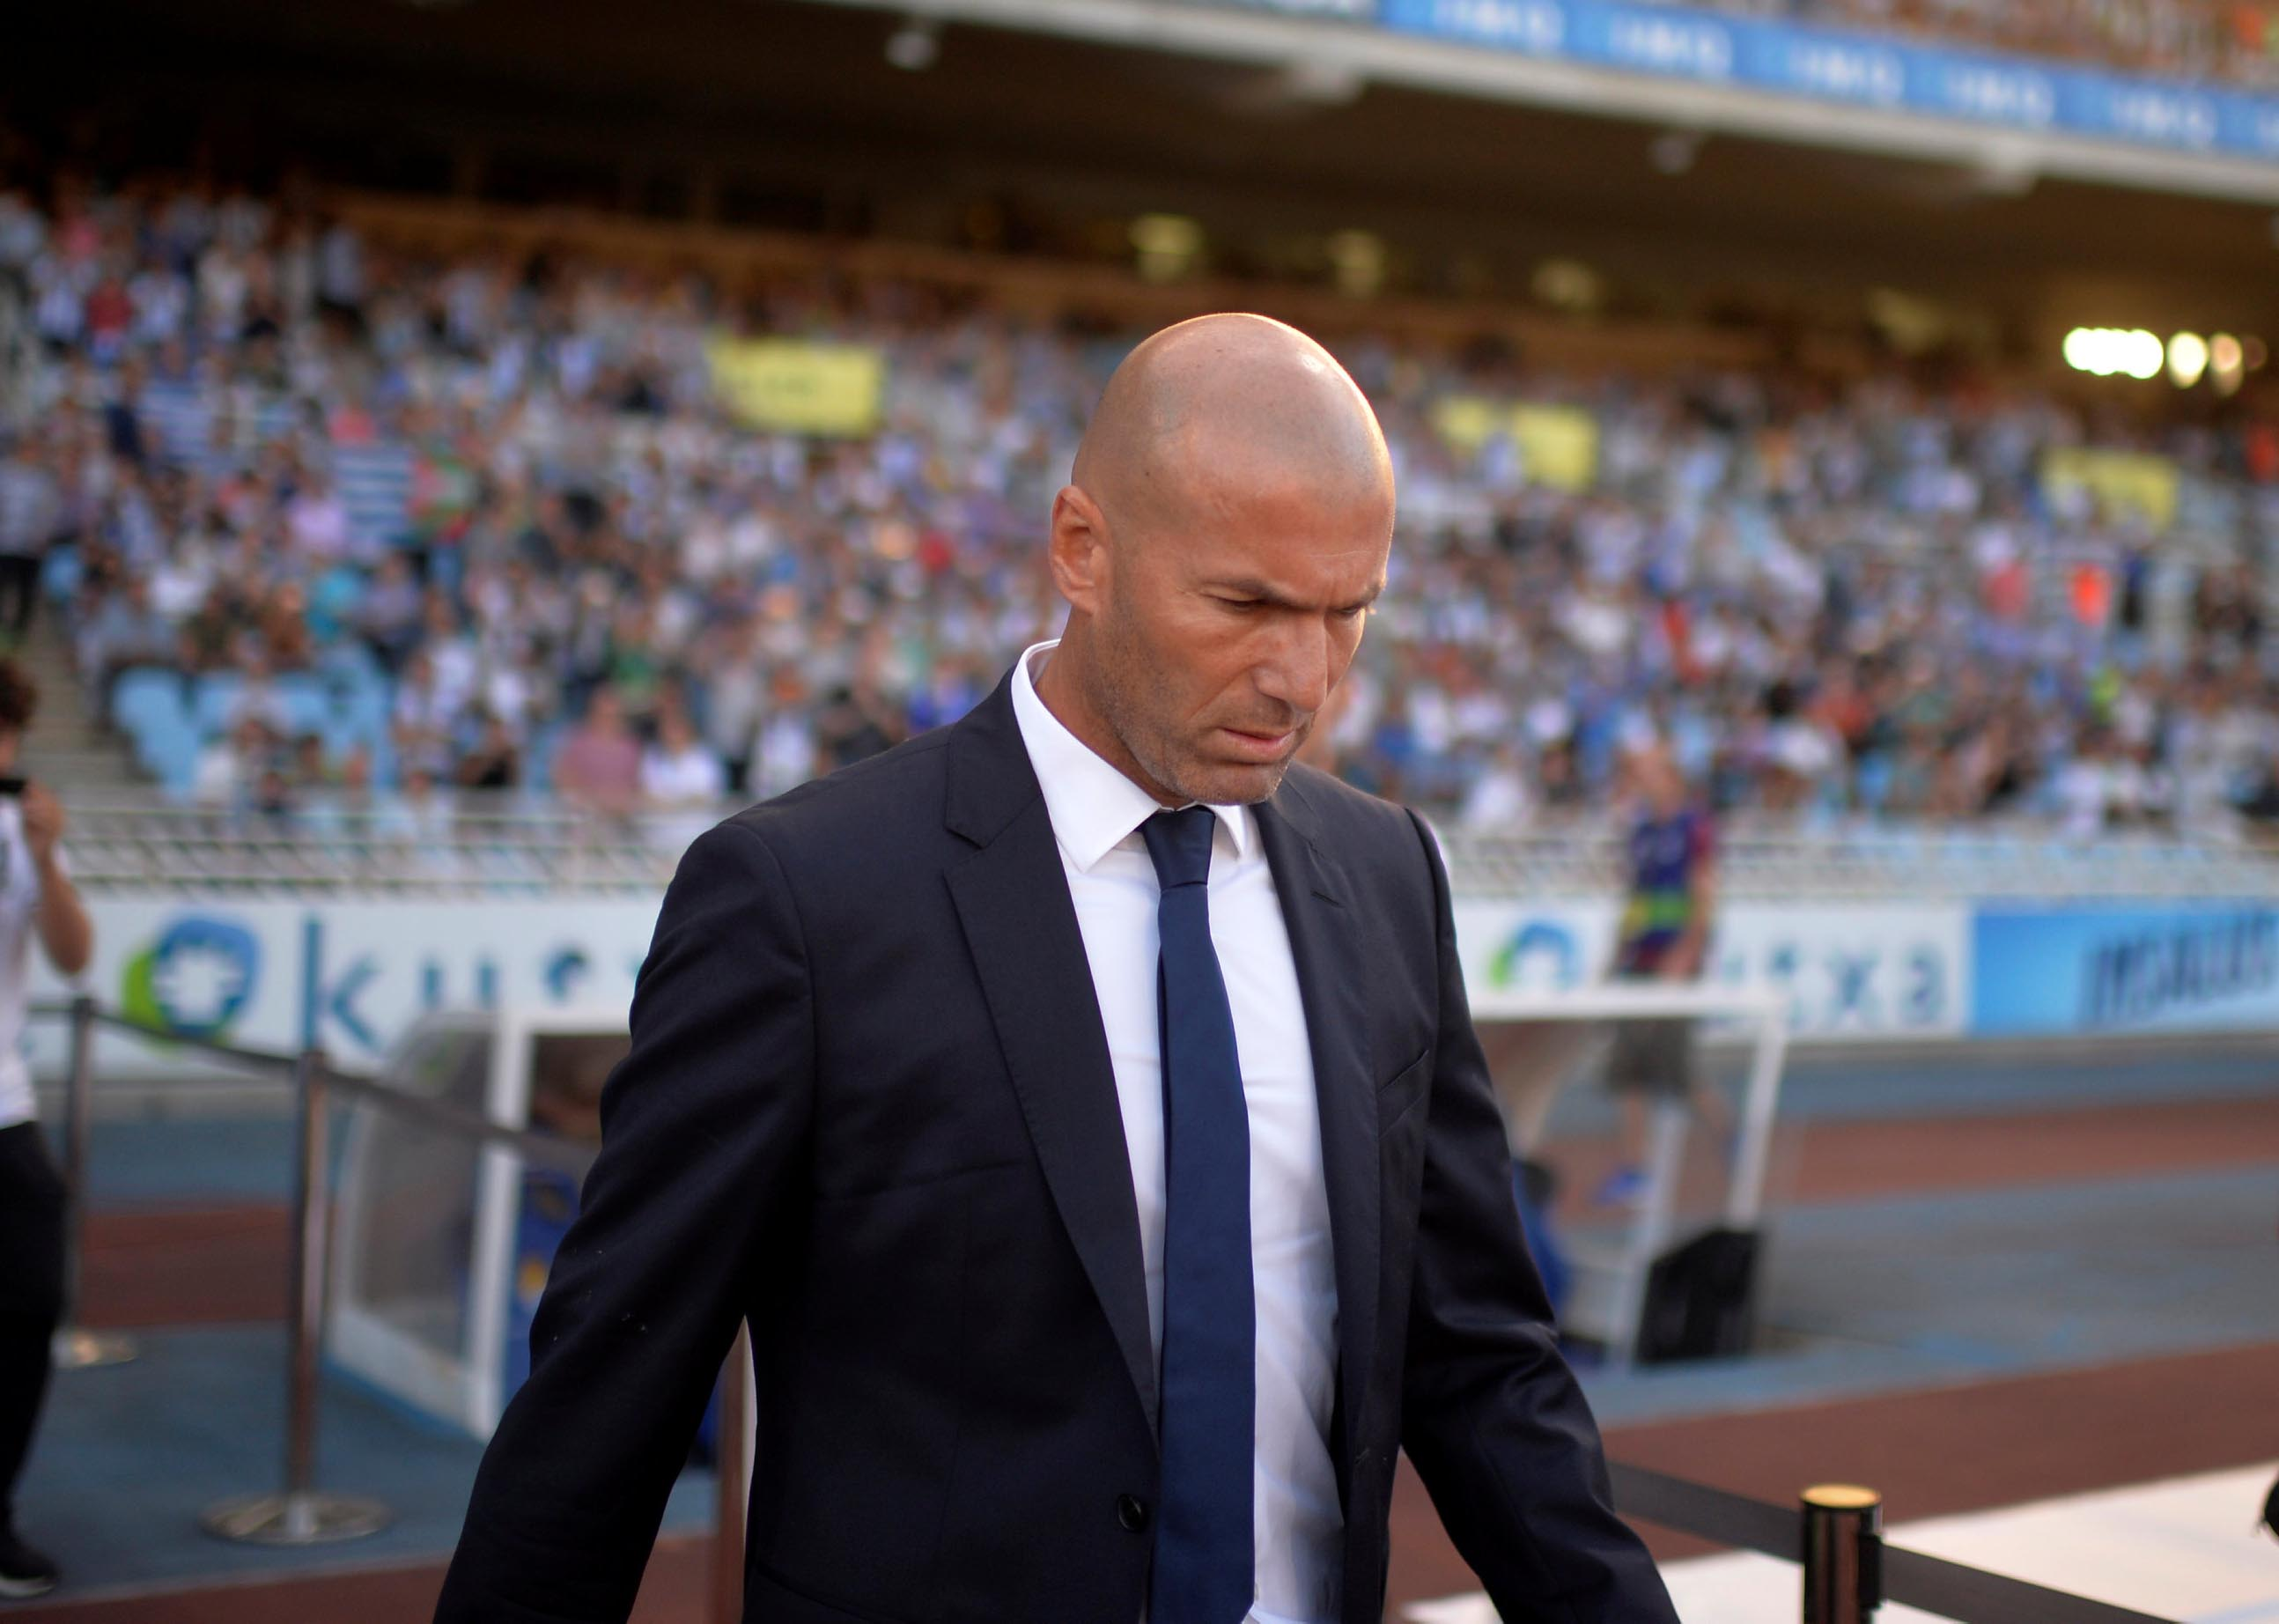 El técnico del Real Madrid indicó que deben esperar para actuar y estima que se le de pronta solución al problema